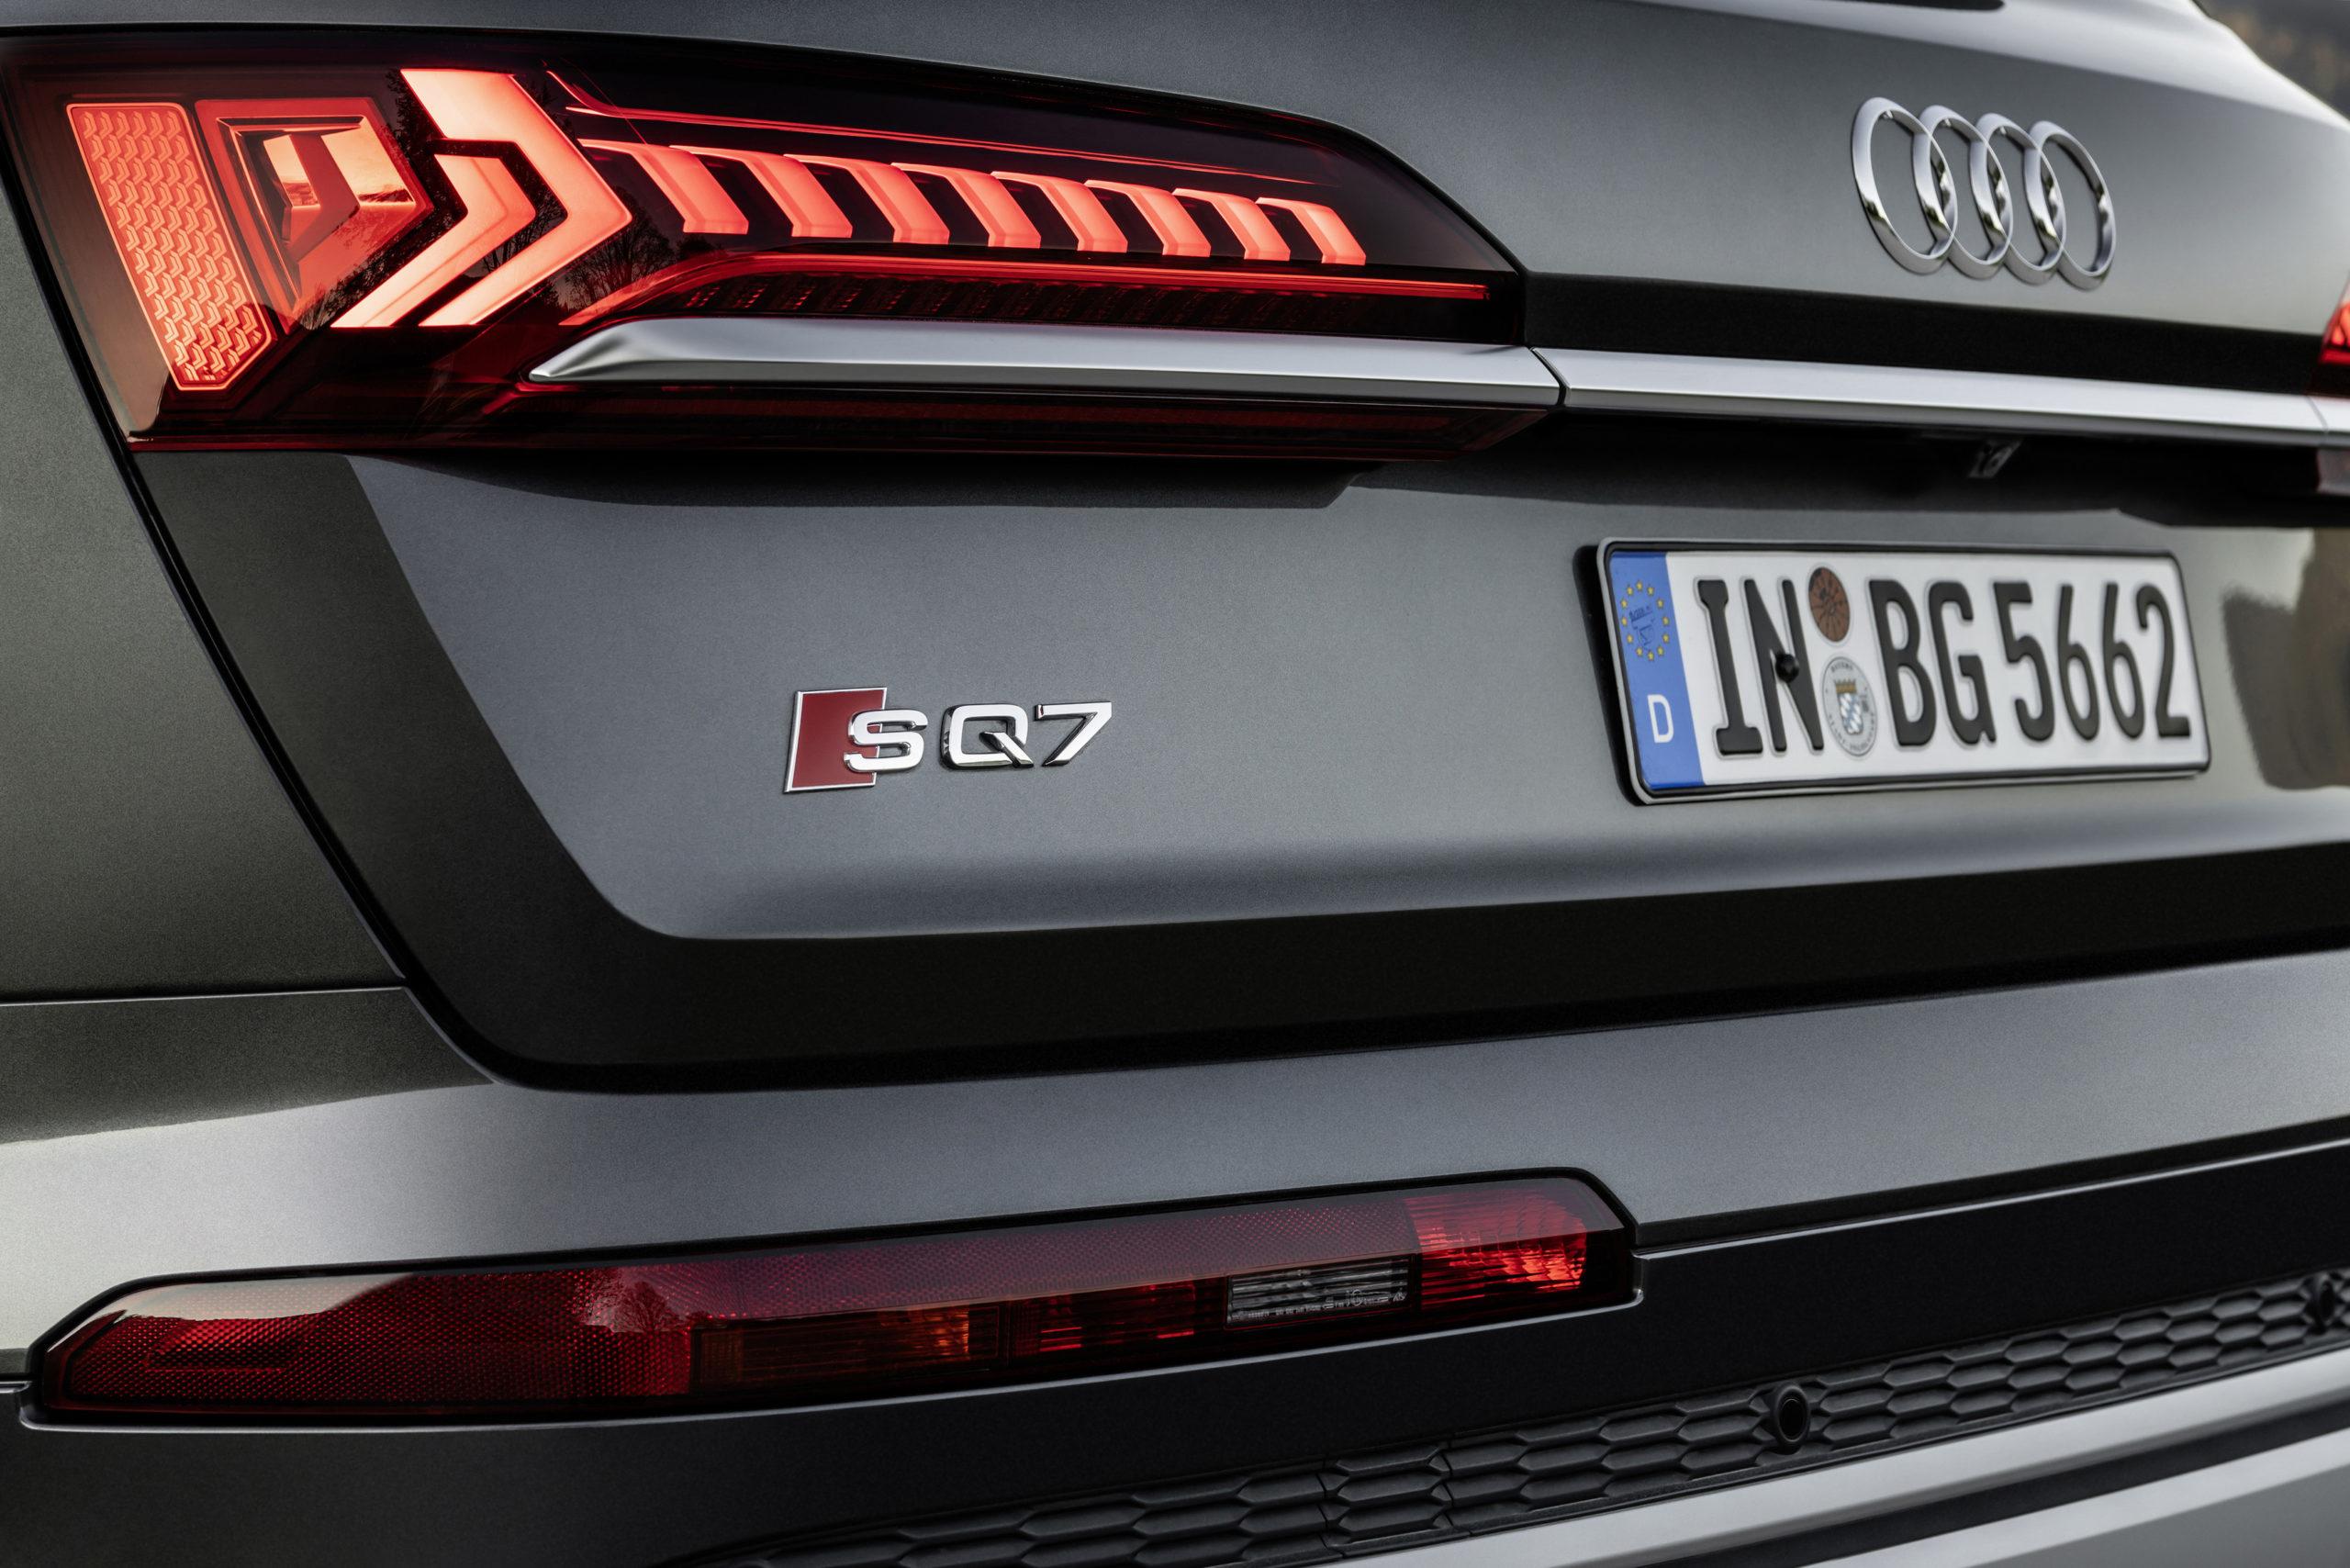 Audi SQ7 Badge